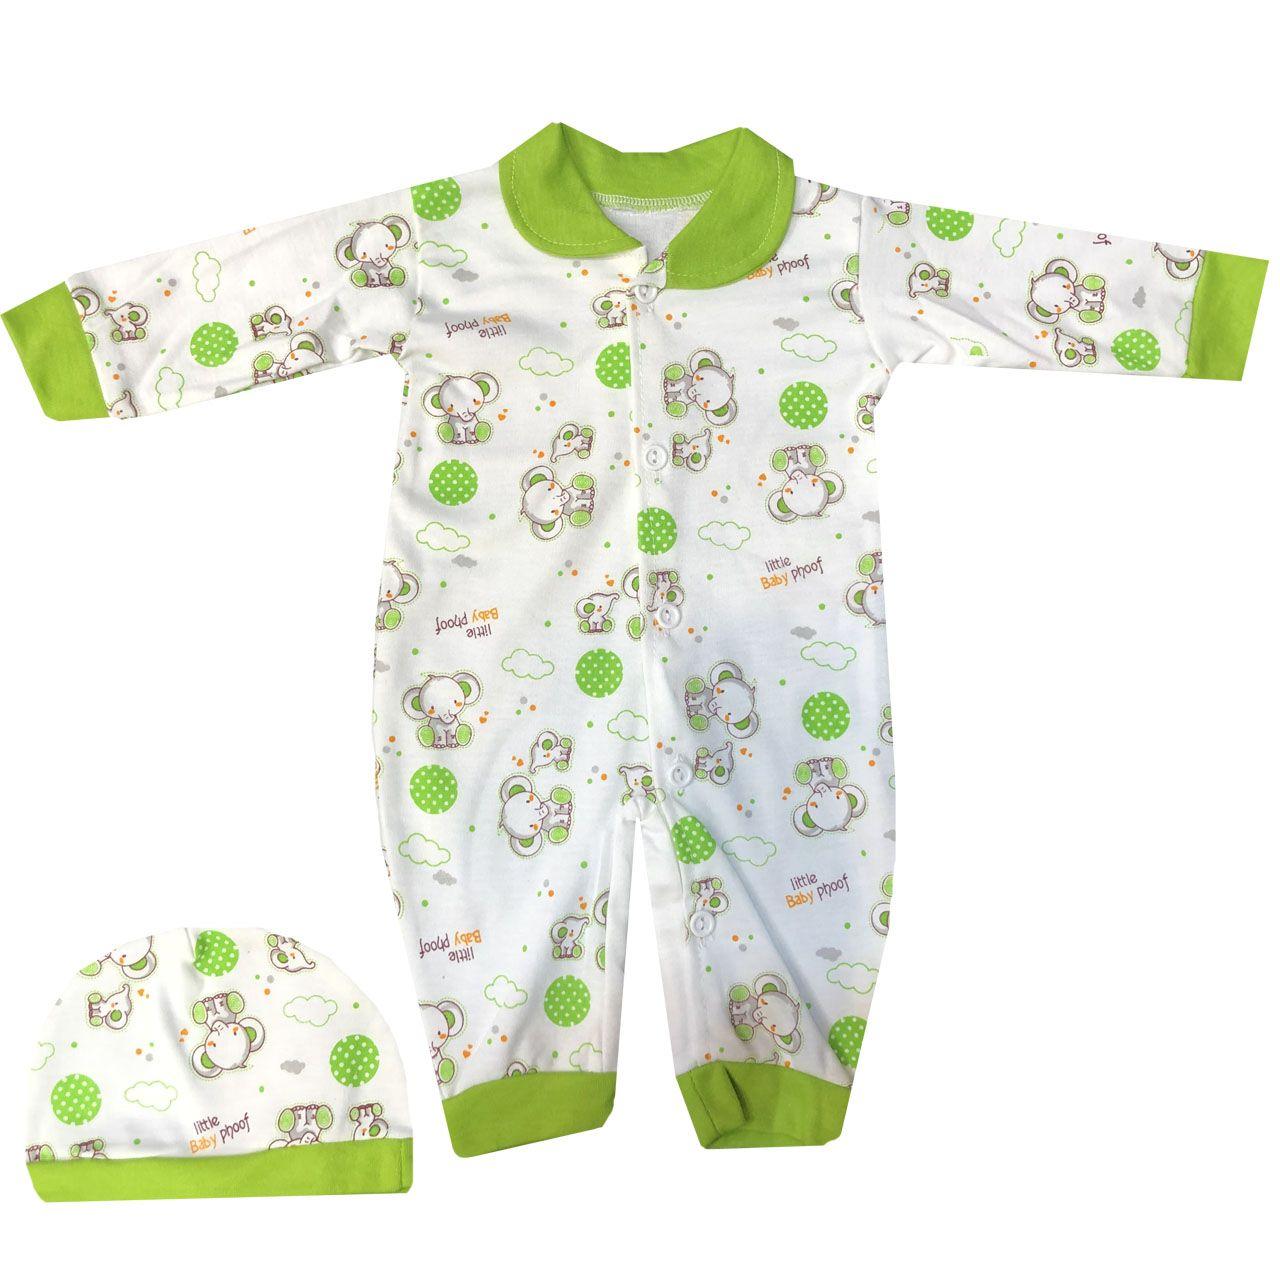 ست سرهمی و کلاه نوزادی مدل A&S7173 رنگ سبز -  - 2